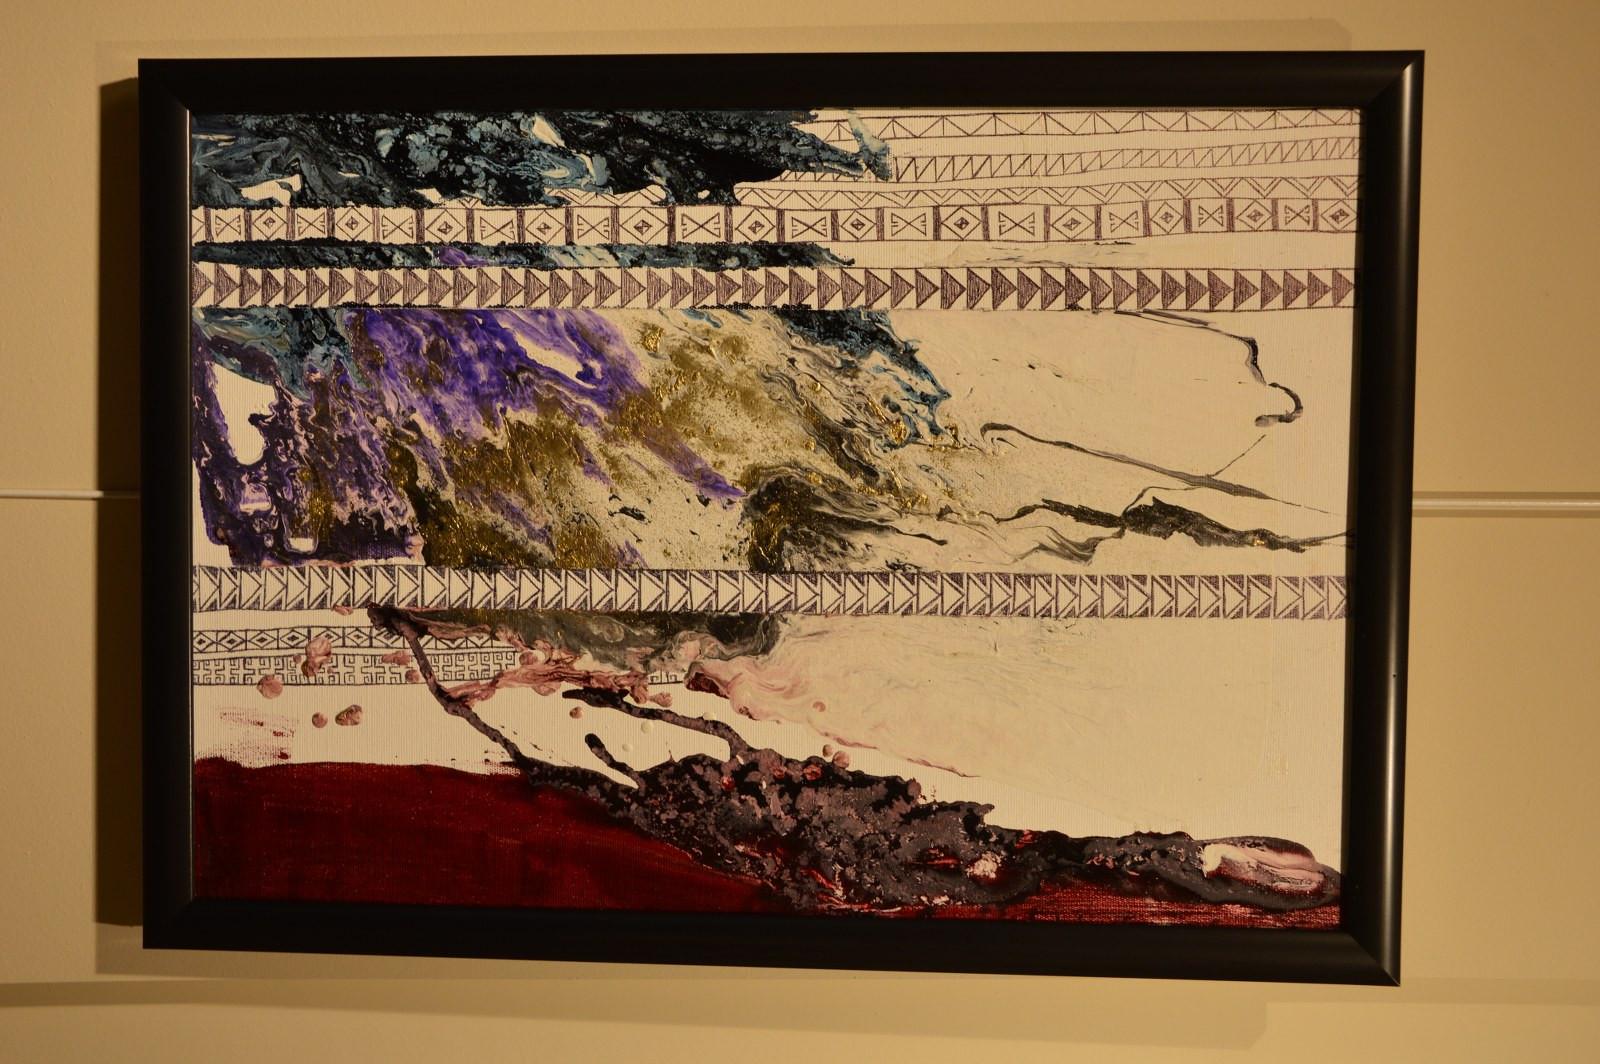 """İstanbul Büyükşehir Belediyesi'nin destekleriyle Kazıbekova'nın """"Cama İşlenen Sanat"""" sergisi Türk Dünyası Kültür Mahallesi'nde açıldı Galeri - 13. Resim"""